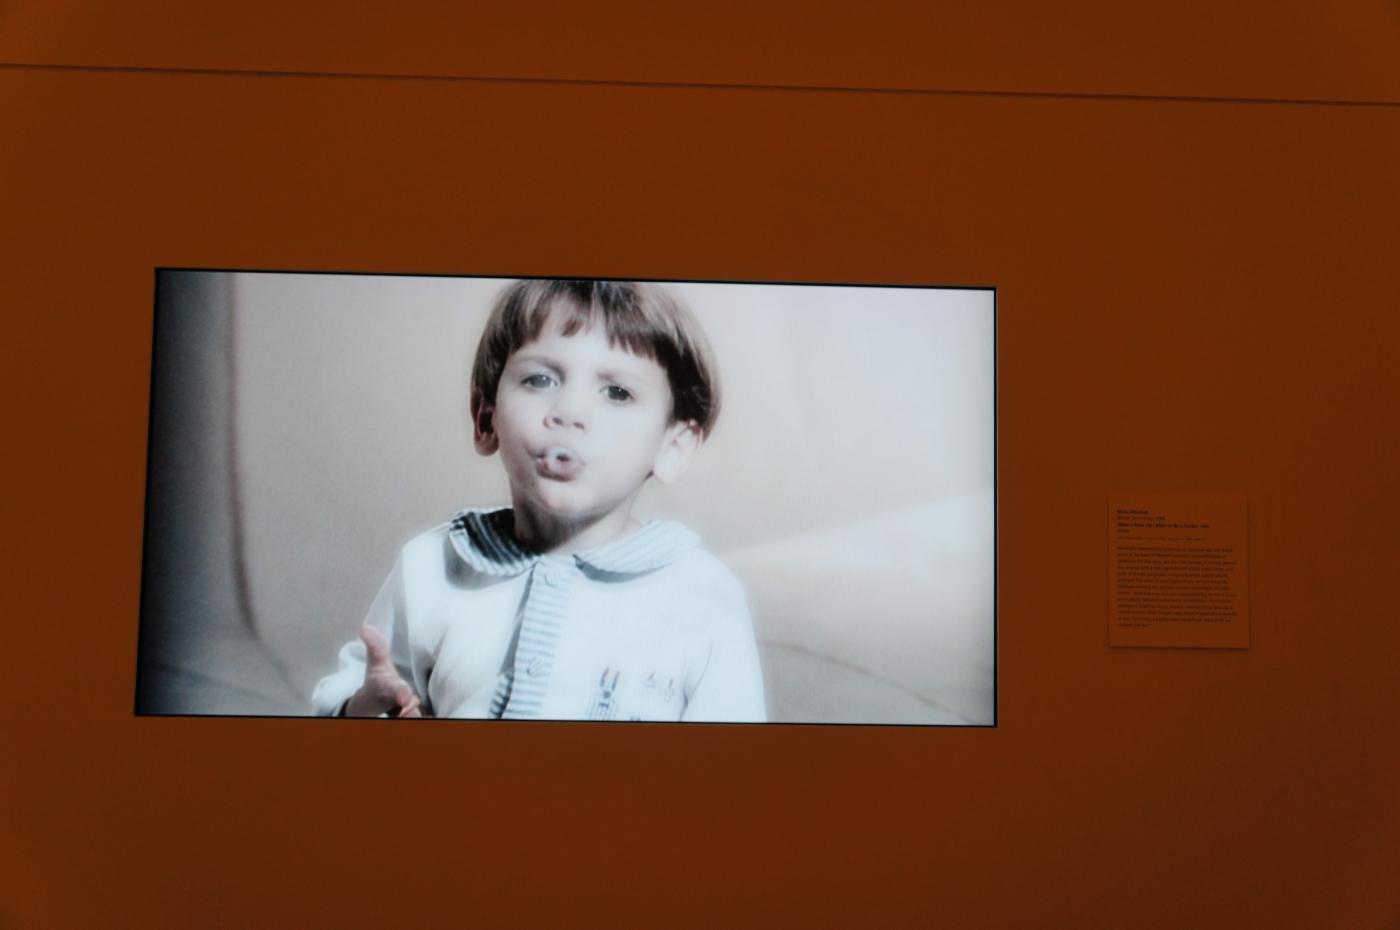 [jiejoy]大都会博物馆---吸烟的小孩_图1-4